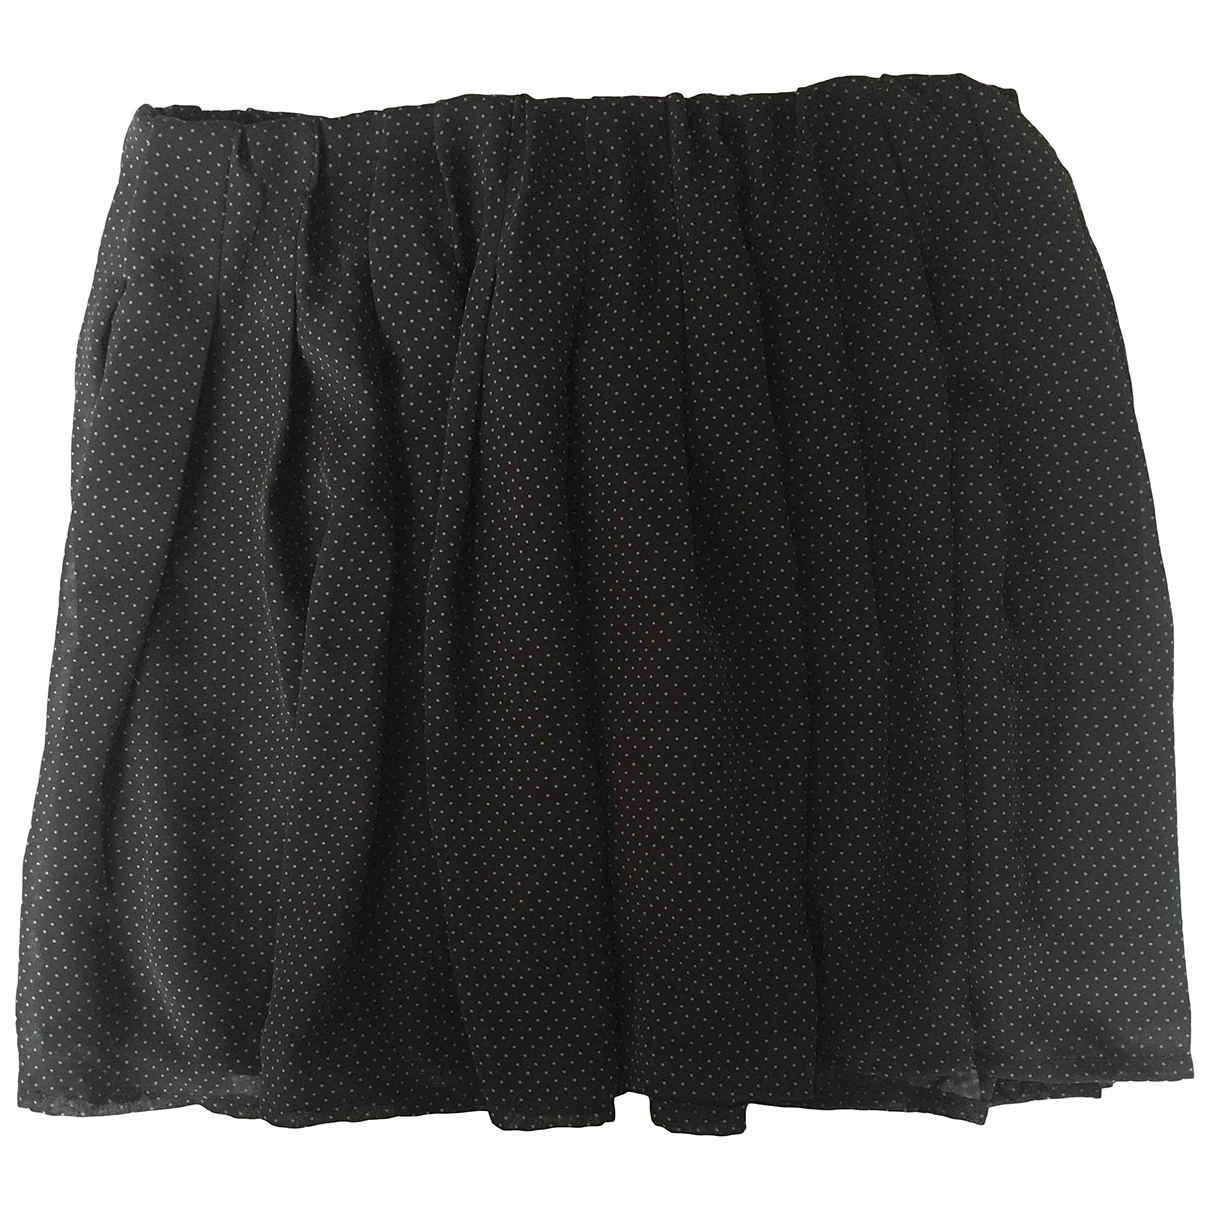 Uniqlo \N Black skirt for Women S International